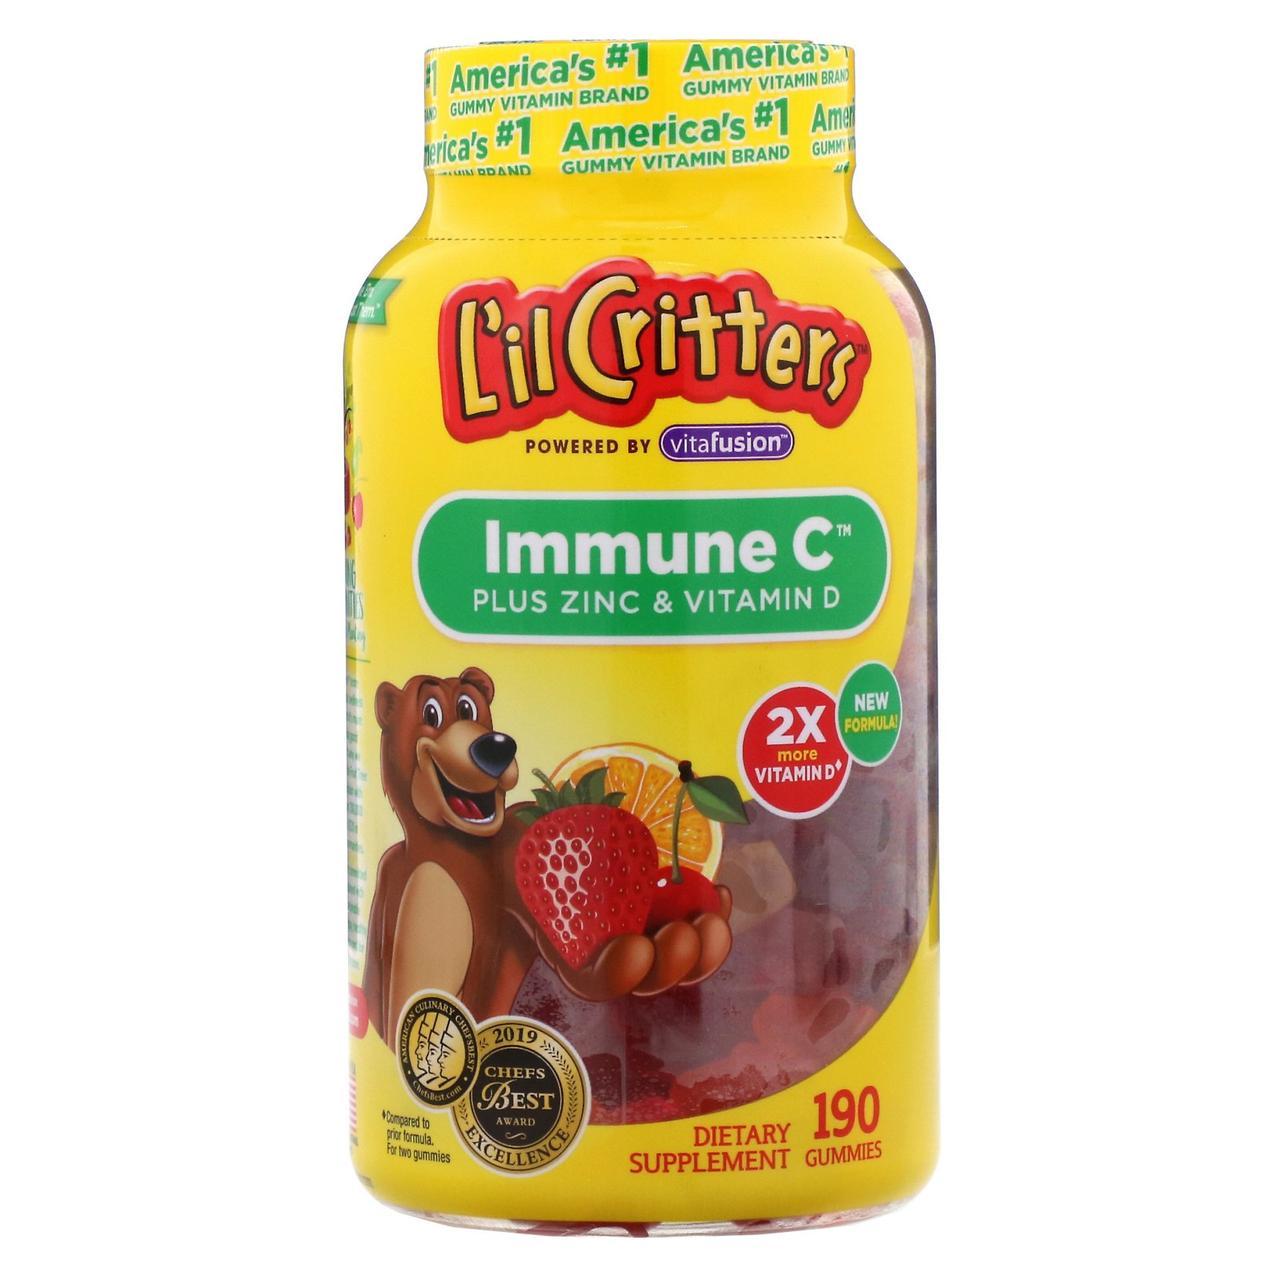 Витамин С с цинком и витамином Д, 190 жевательных конфет, L'il Critters